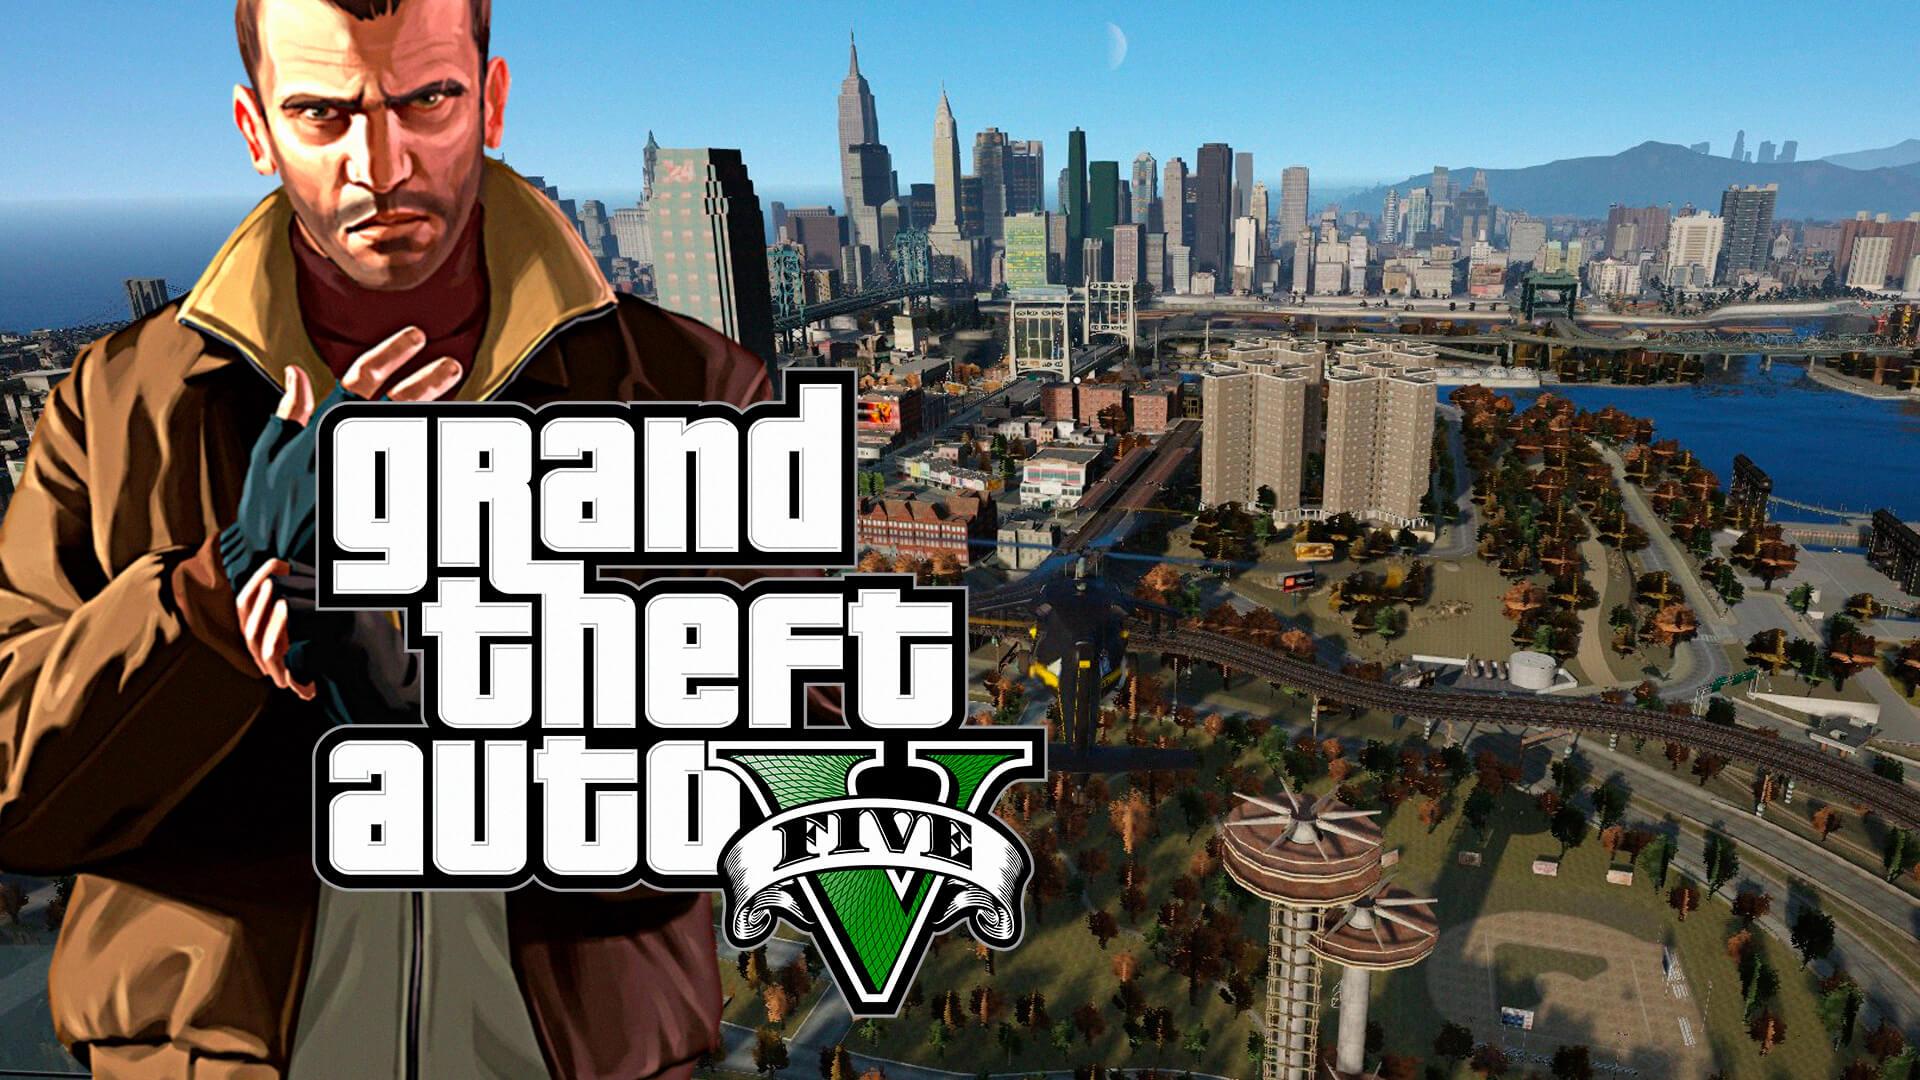 GTA 5 (Grand Theft Auto V) pode receber um DLC em Liberty City, pelo menos é isso que indica rumores e indícios de fãs da Rockstar Games.